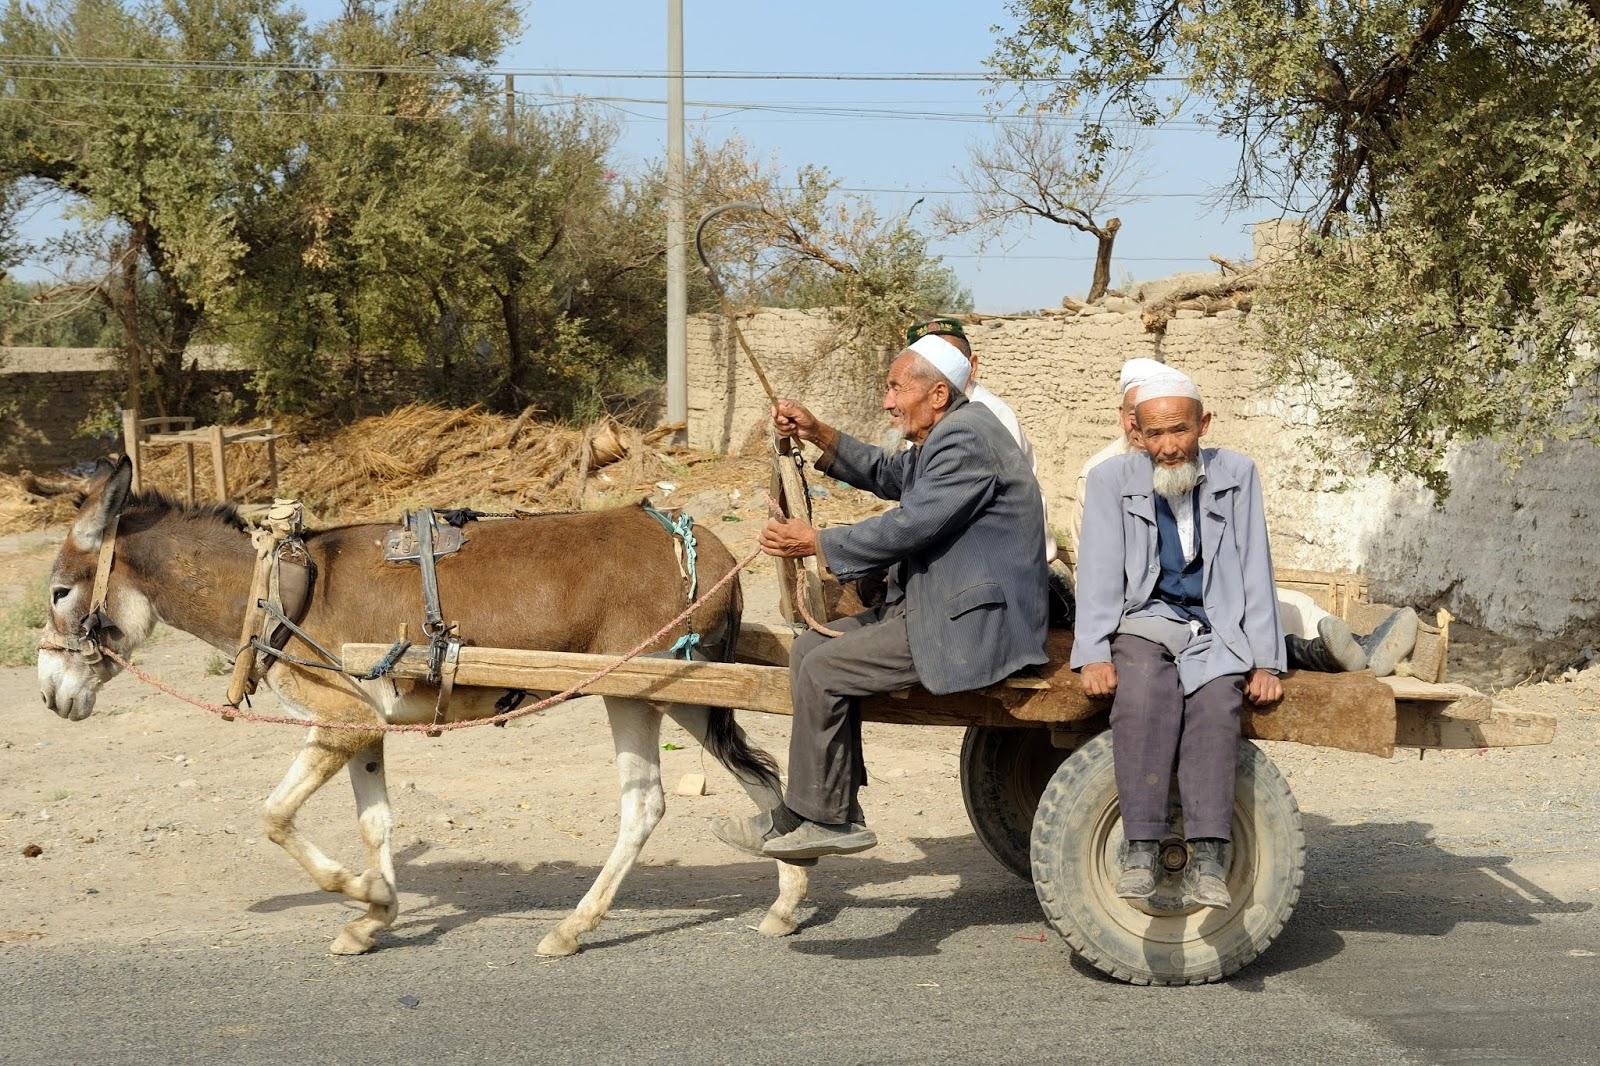 Begini Nasib Muslim Uighur, di Dalam Salah, di Luar Salah